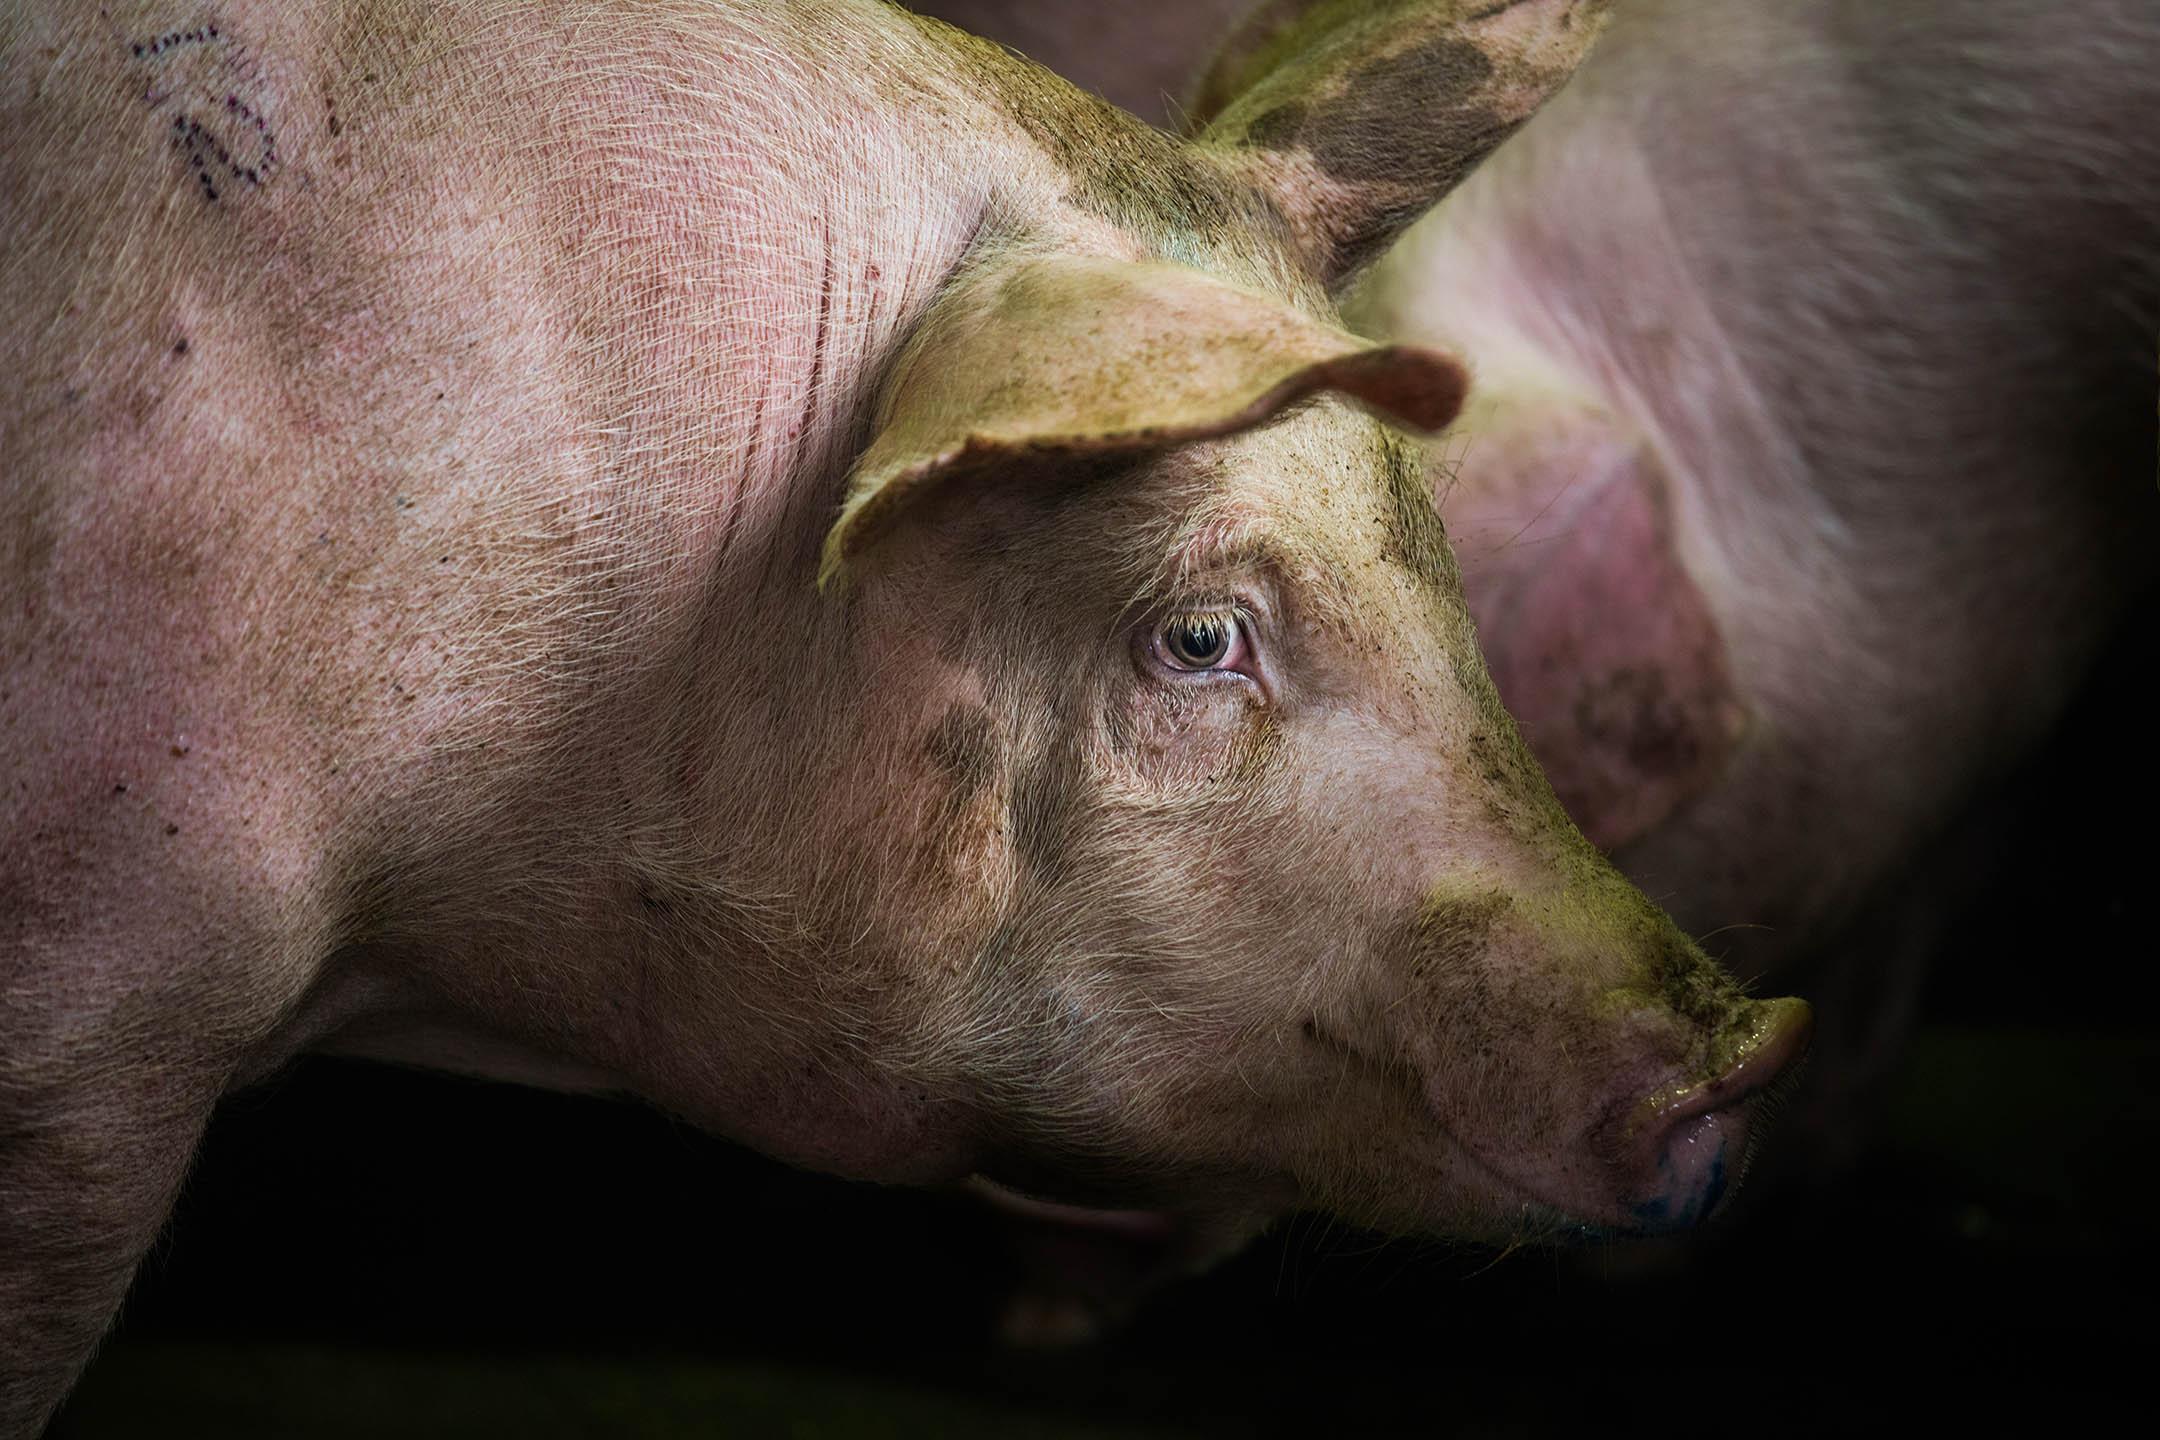 金門縣肉品市場待宰的豬。 攝:陳焯煇/端傳媒